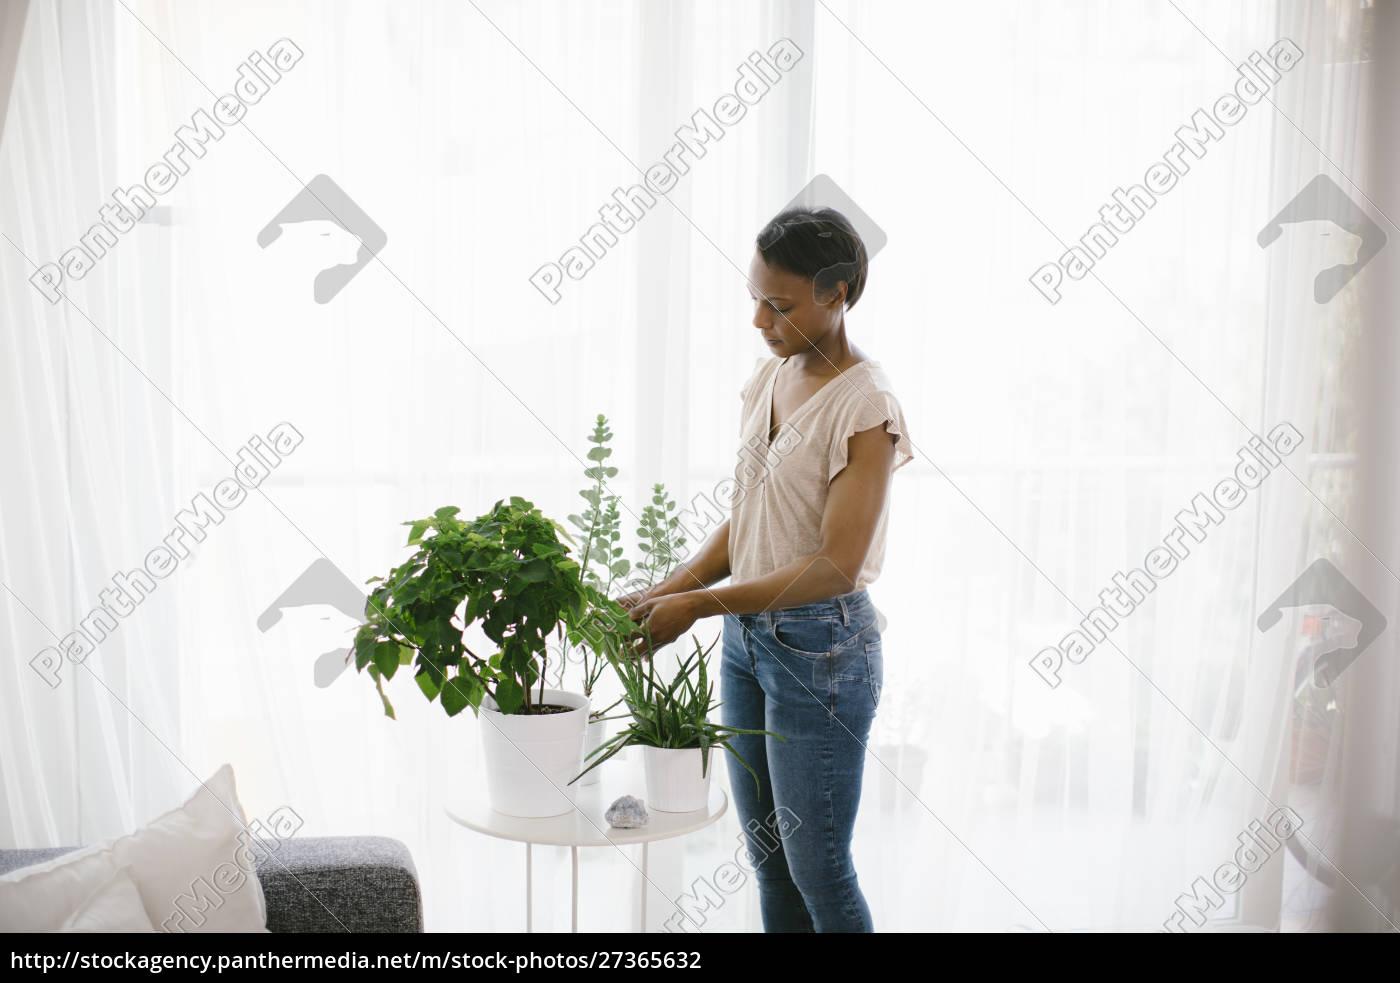 frau, die, zu, hause, pflanzen, arrangiert - 27365632